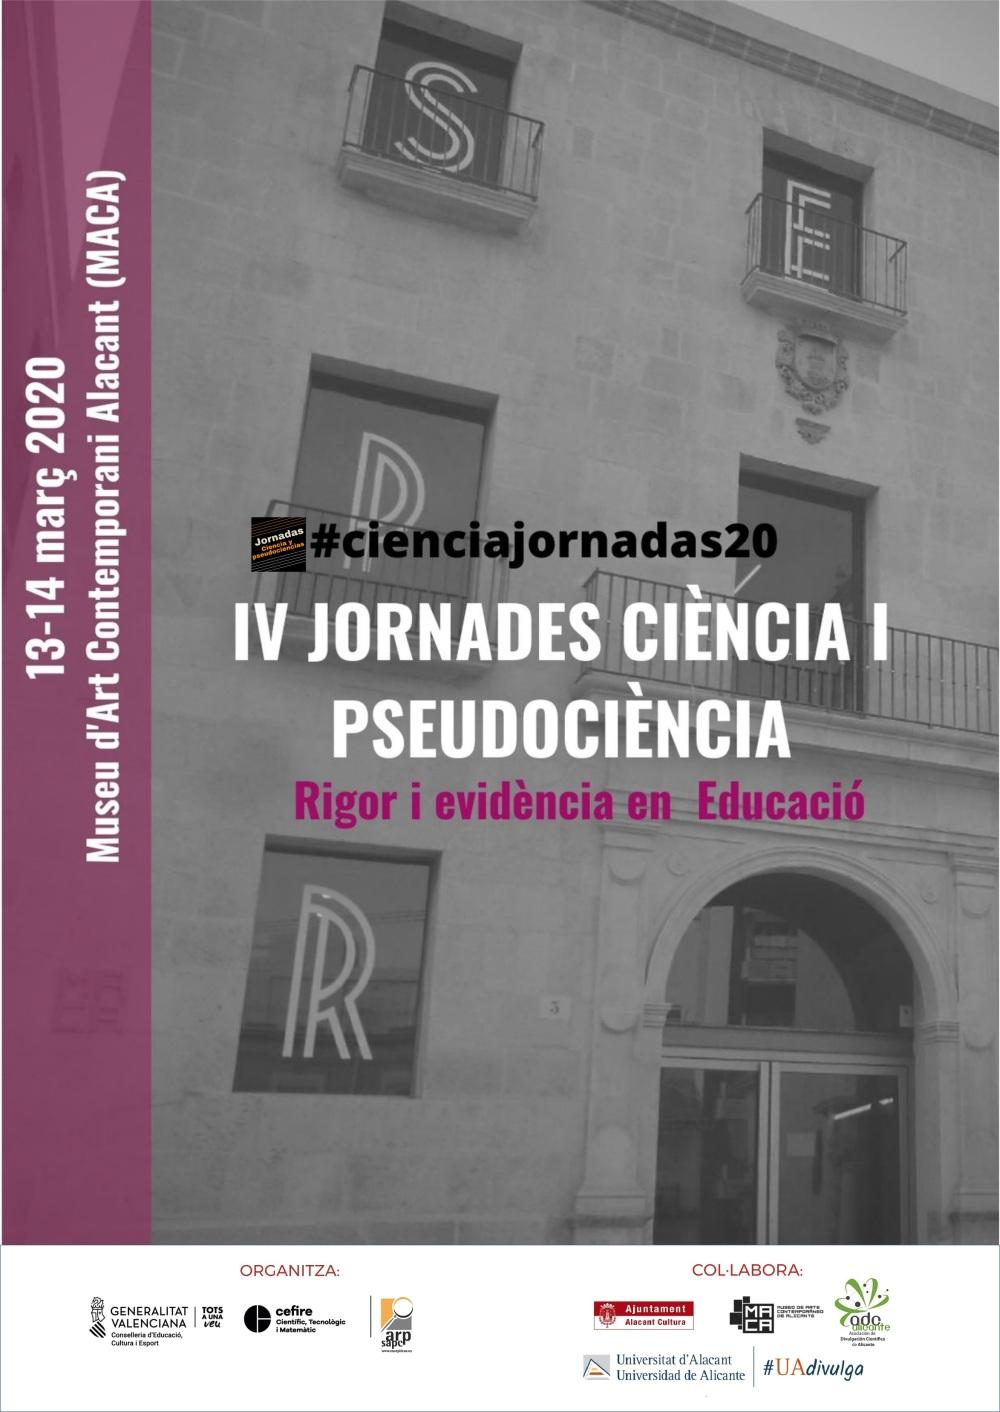 IV JORNADES CIÈNCIA I PSEUDOCIÈNCIA 2